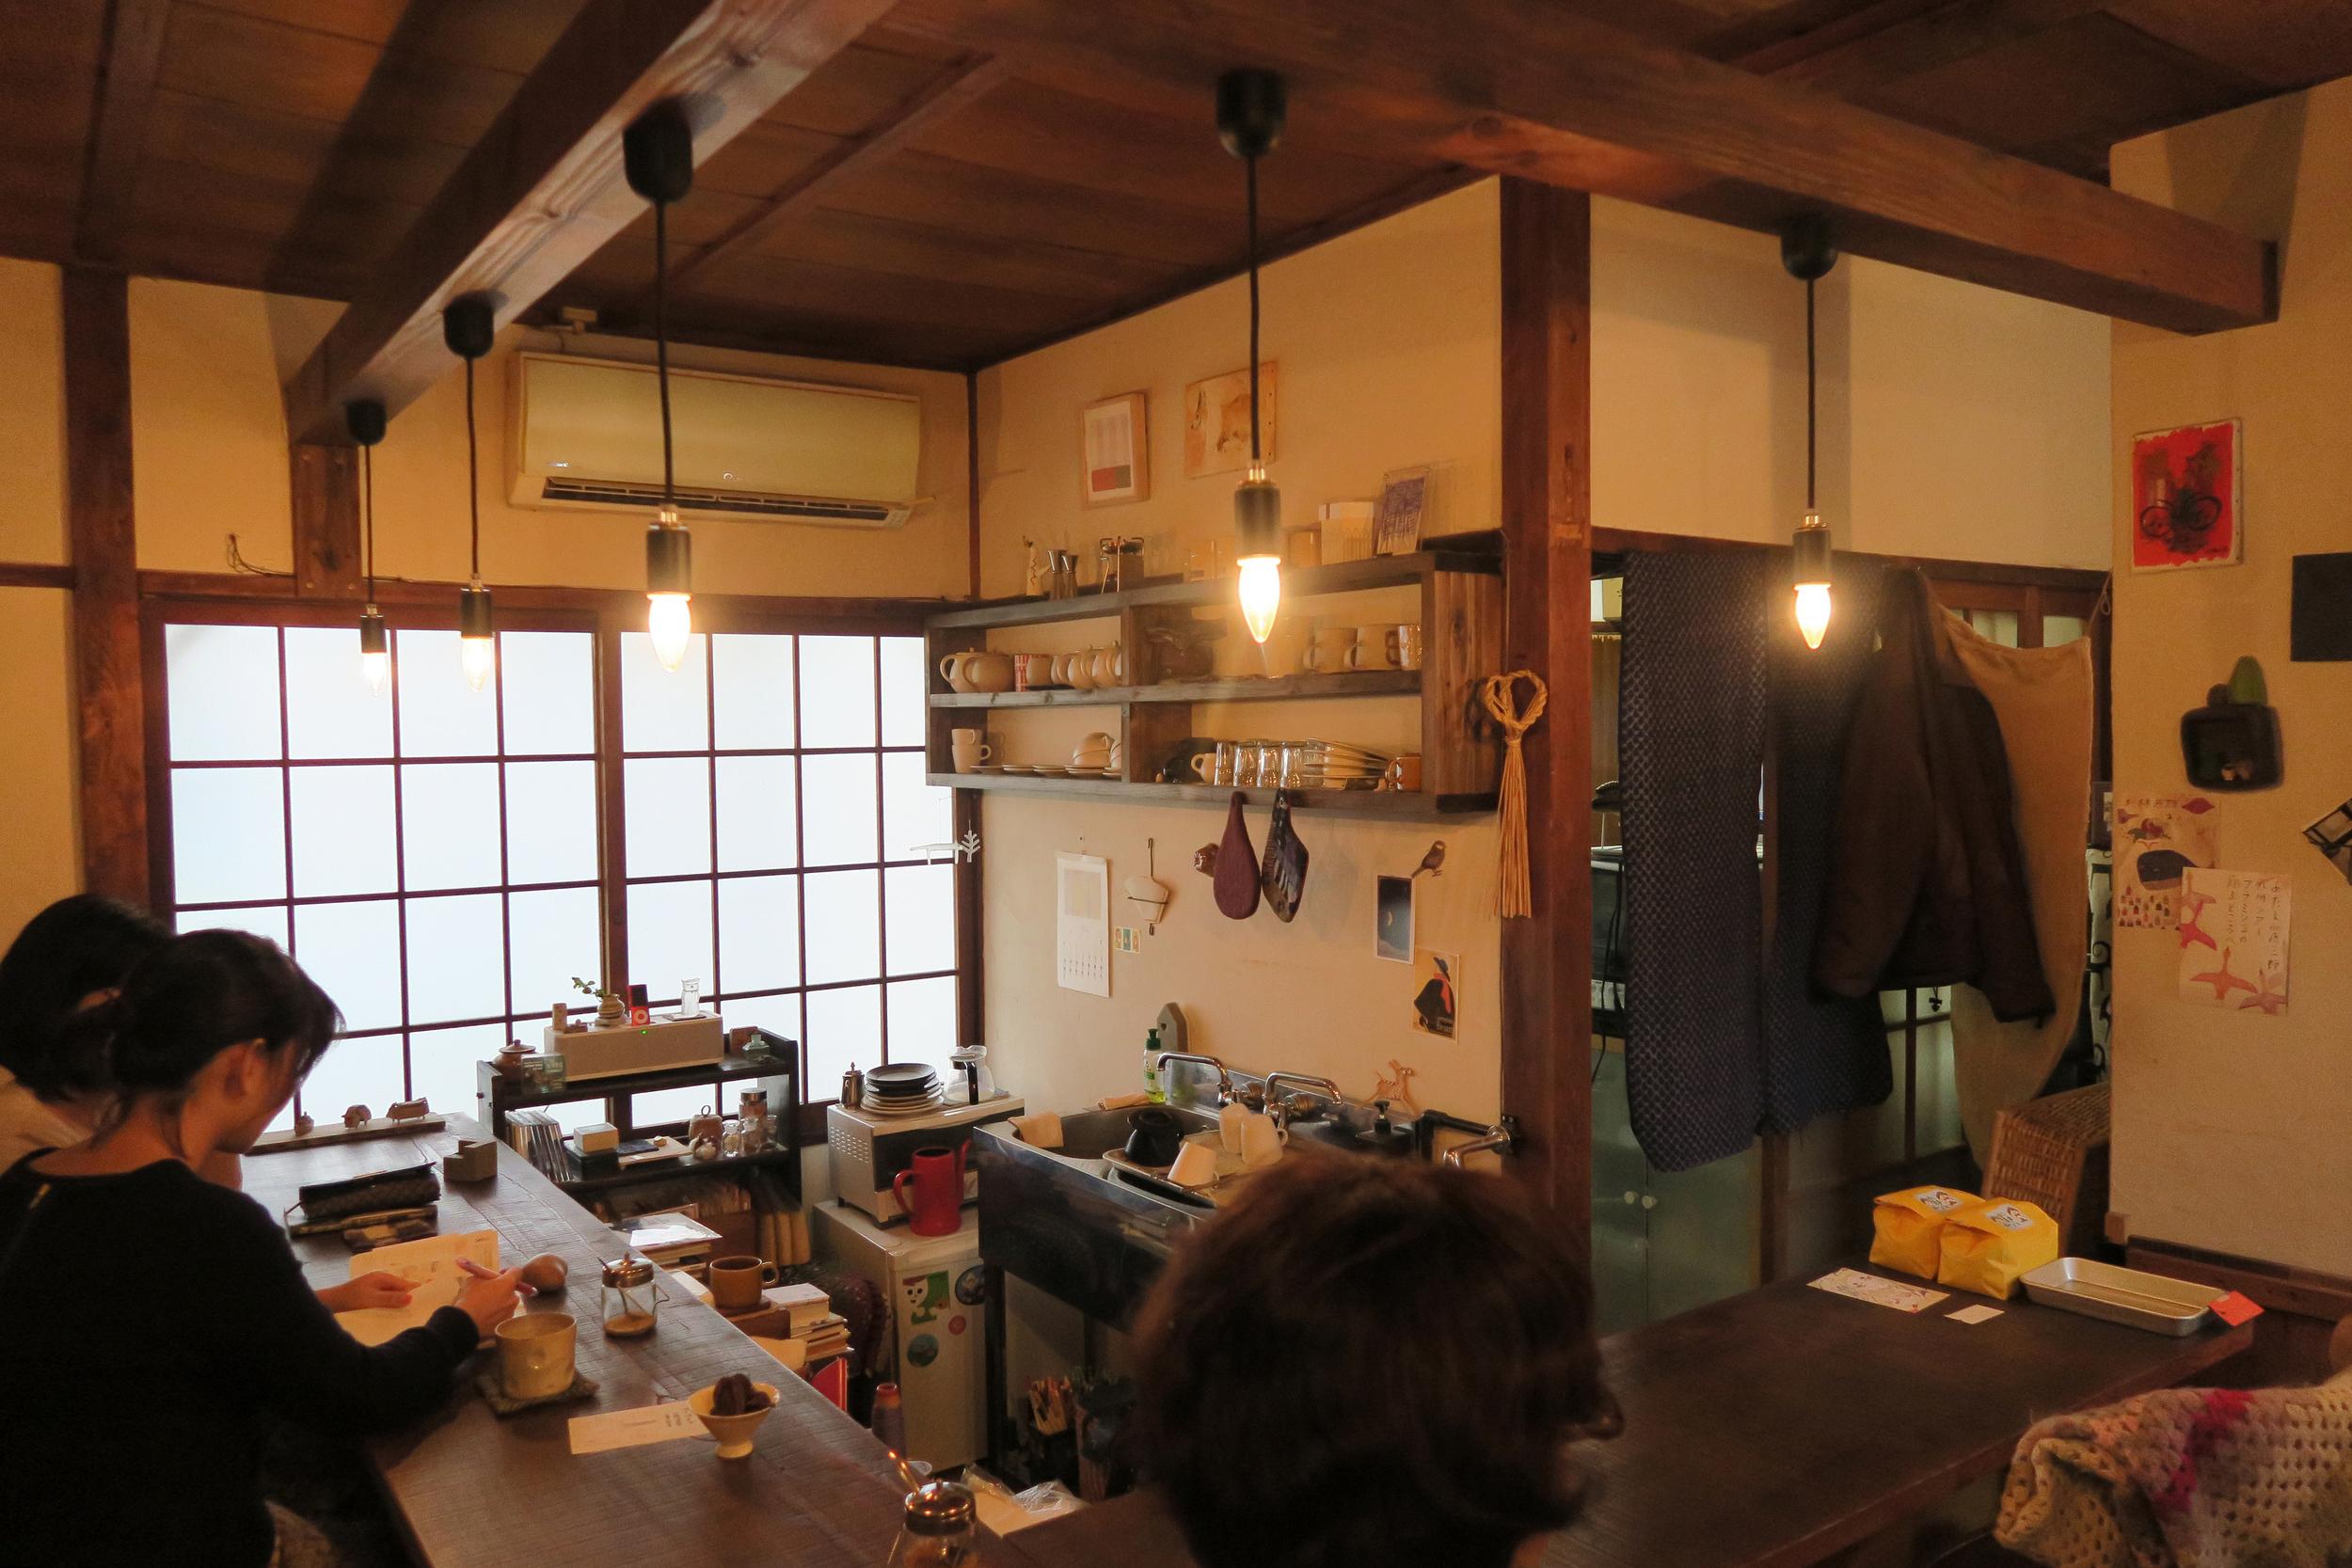 Cafe CQT (Kurikotto) 焼き菓子 カフェ クリコット